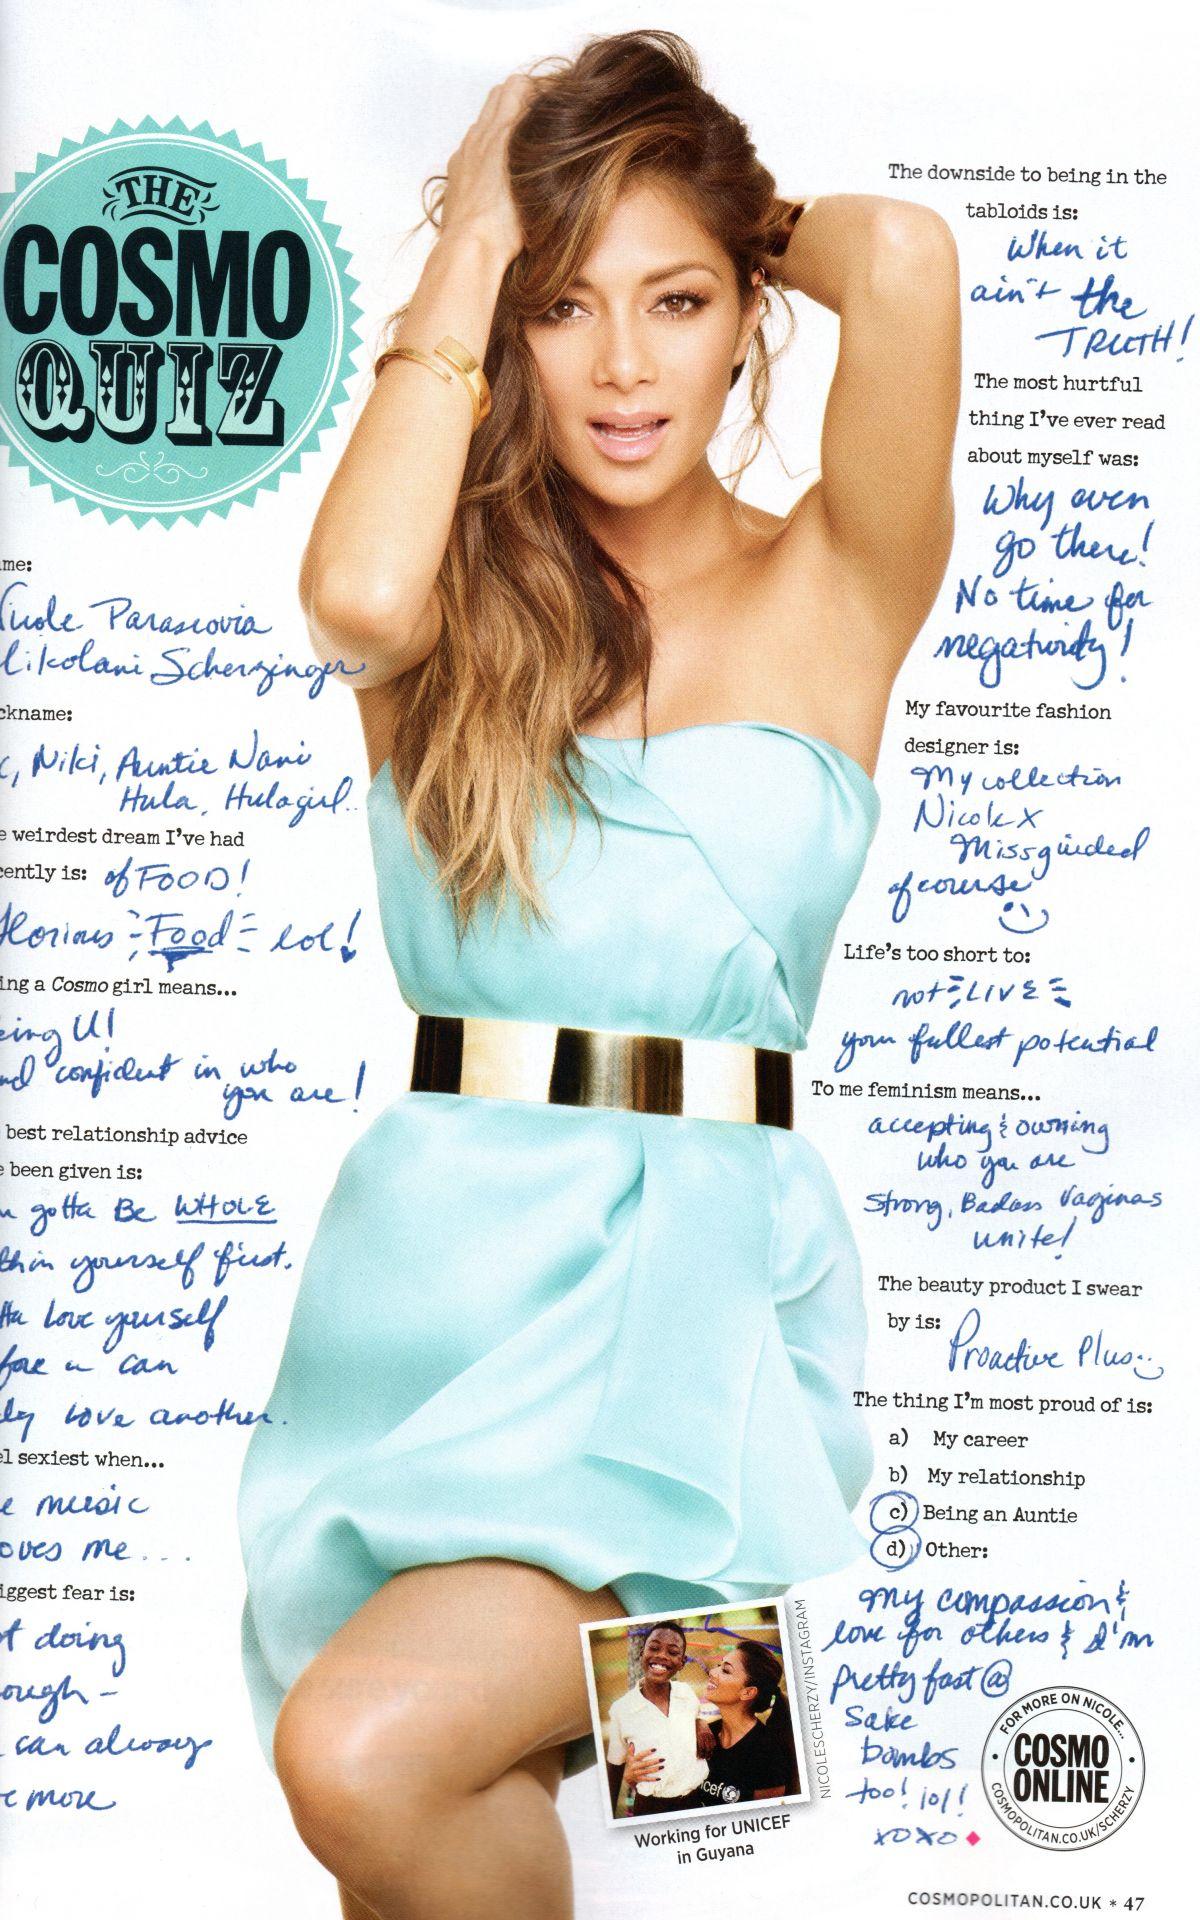 nicole_scherzinger_in_cosmopolitan_magazine_august_2014_issue_4